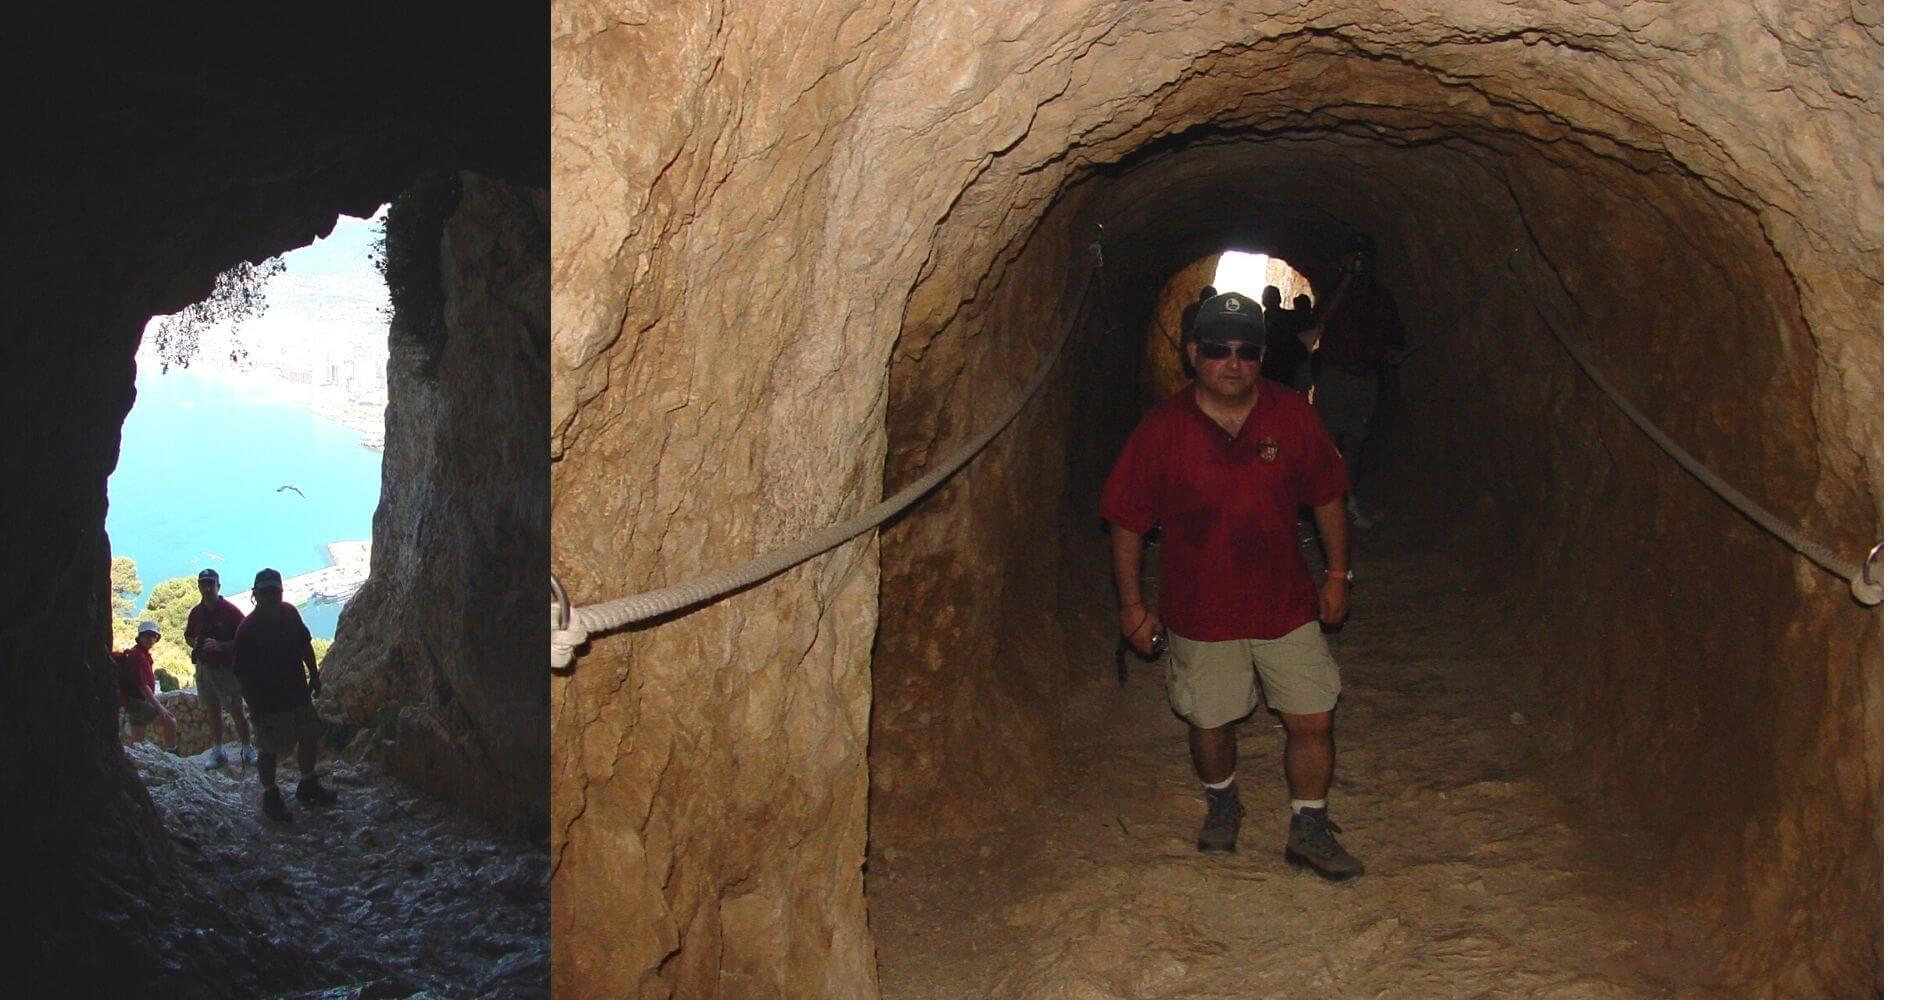 Túnel subida al Peñón de Ifach. Calpe, Alicante. Comunidad Valenciana.